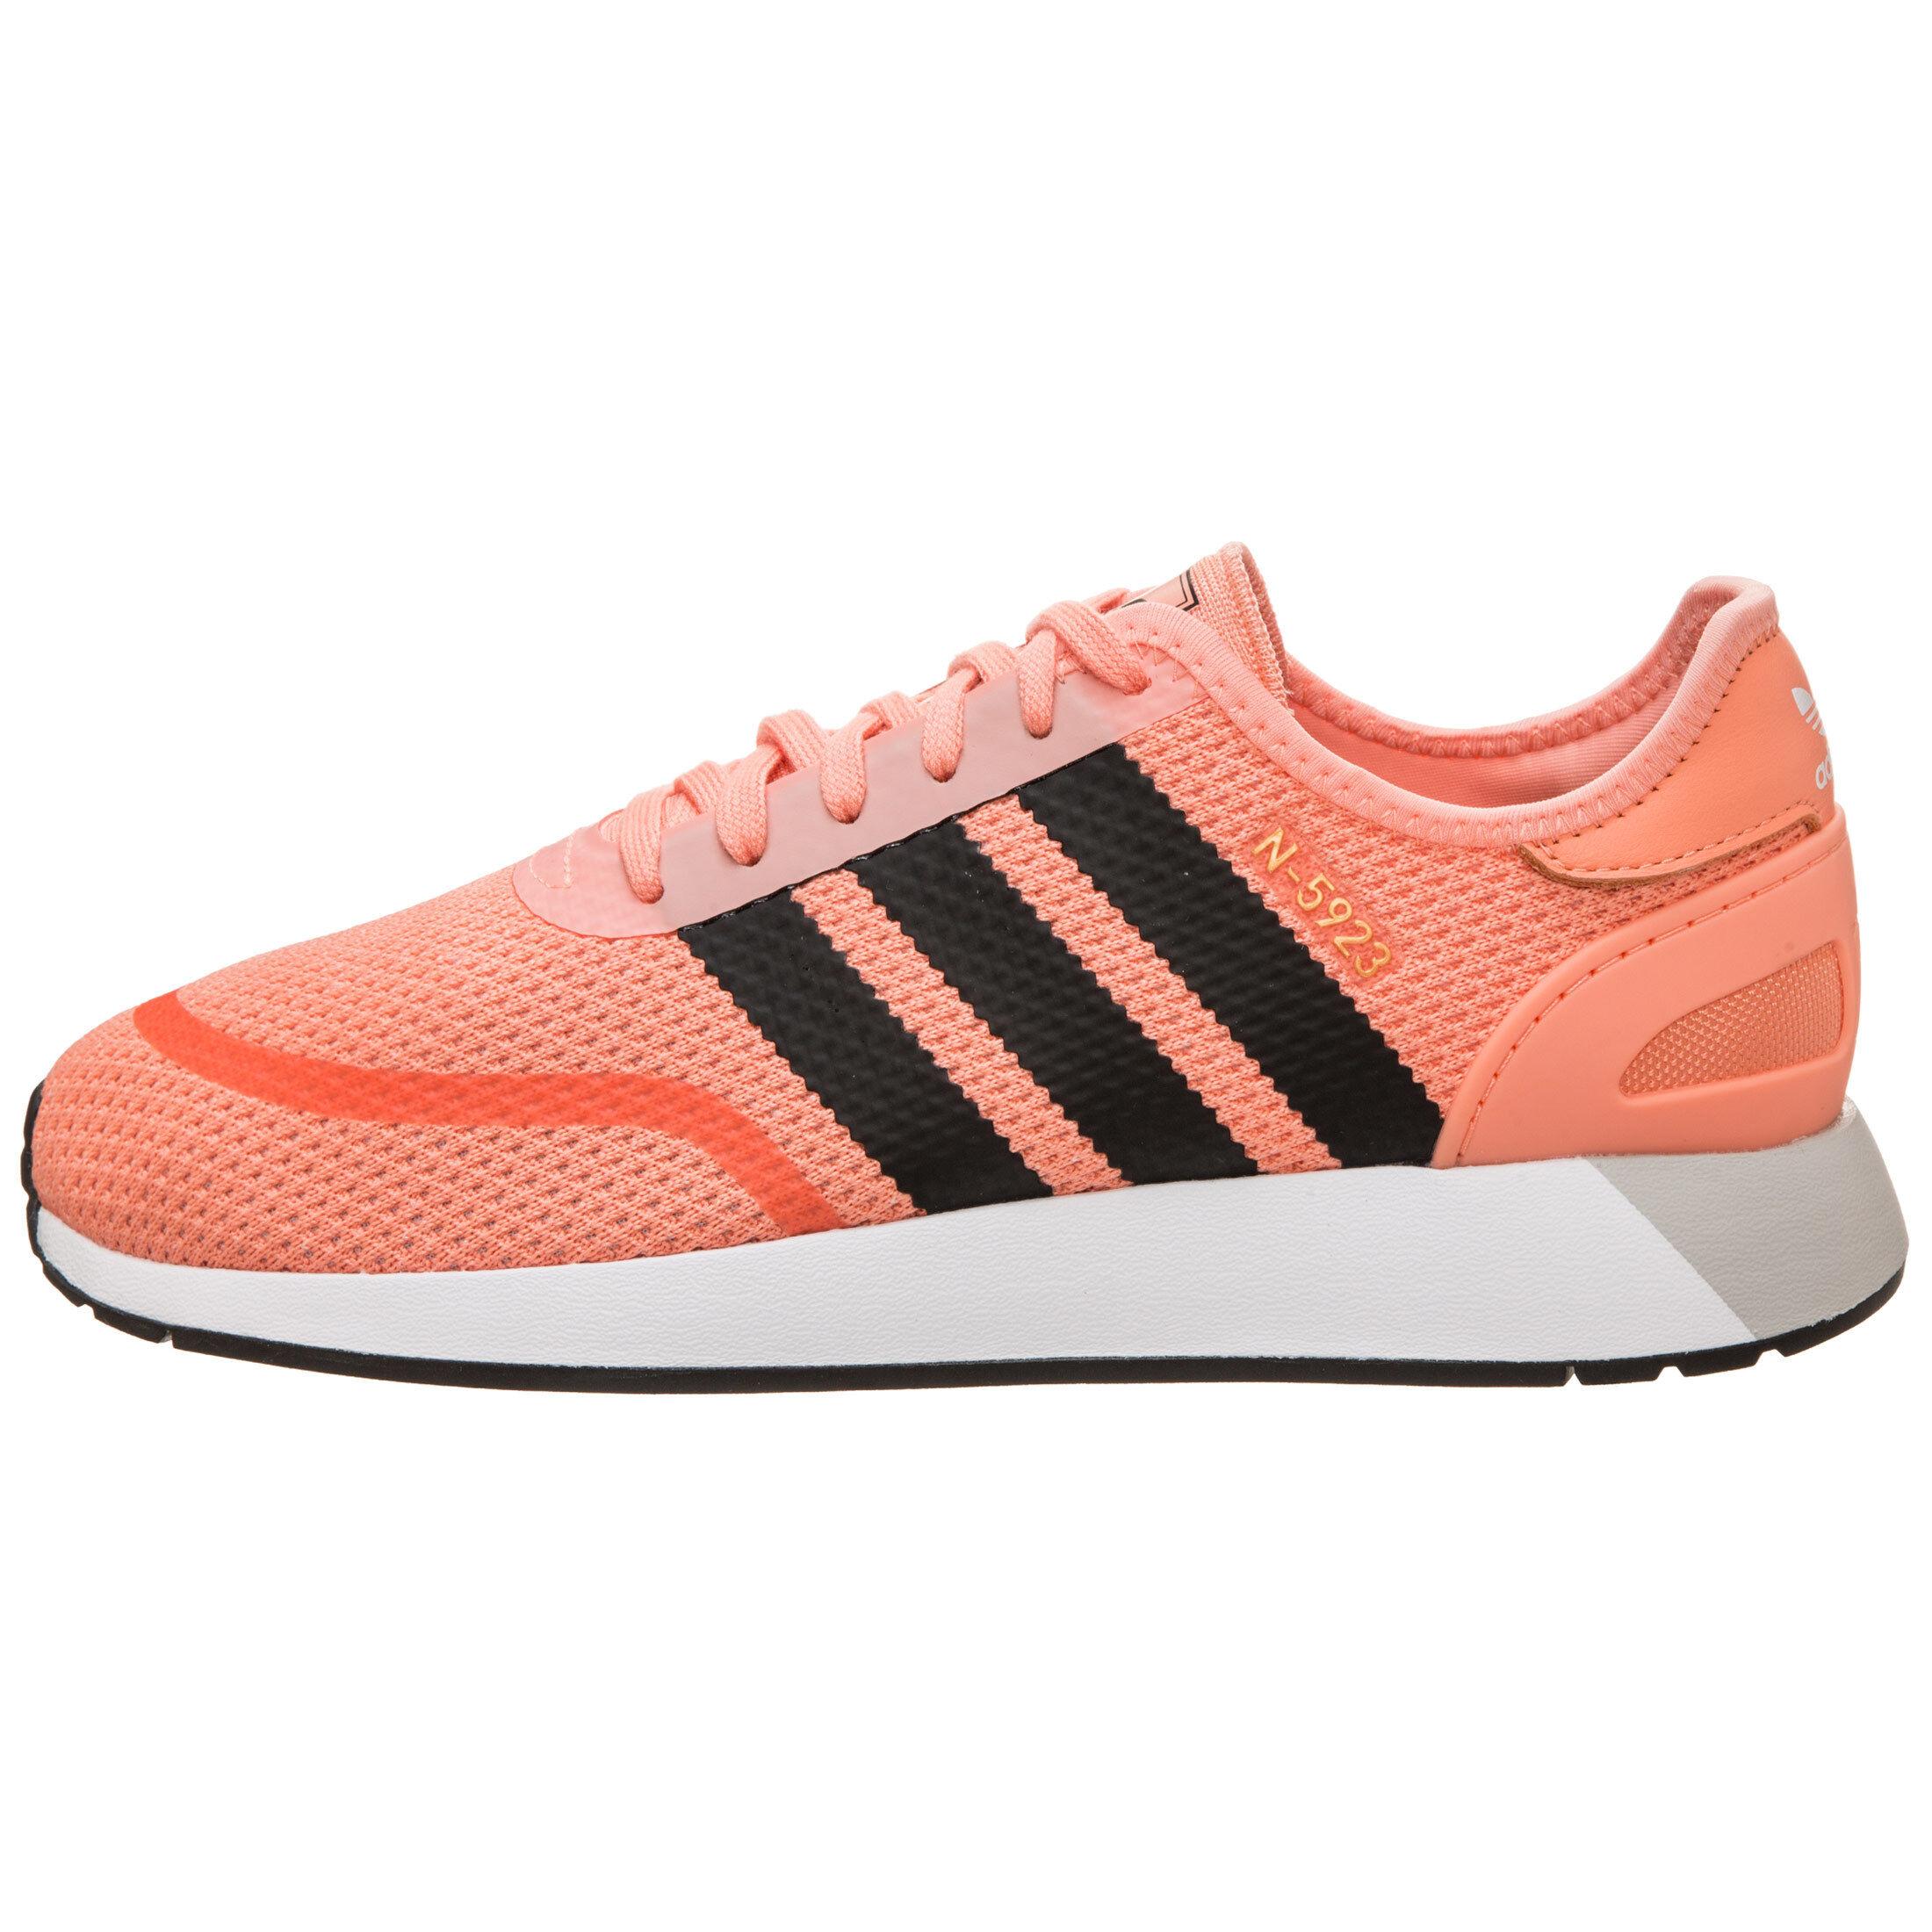 N 5923 Sneaker